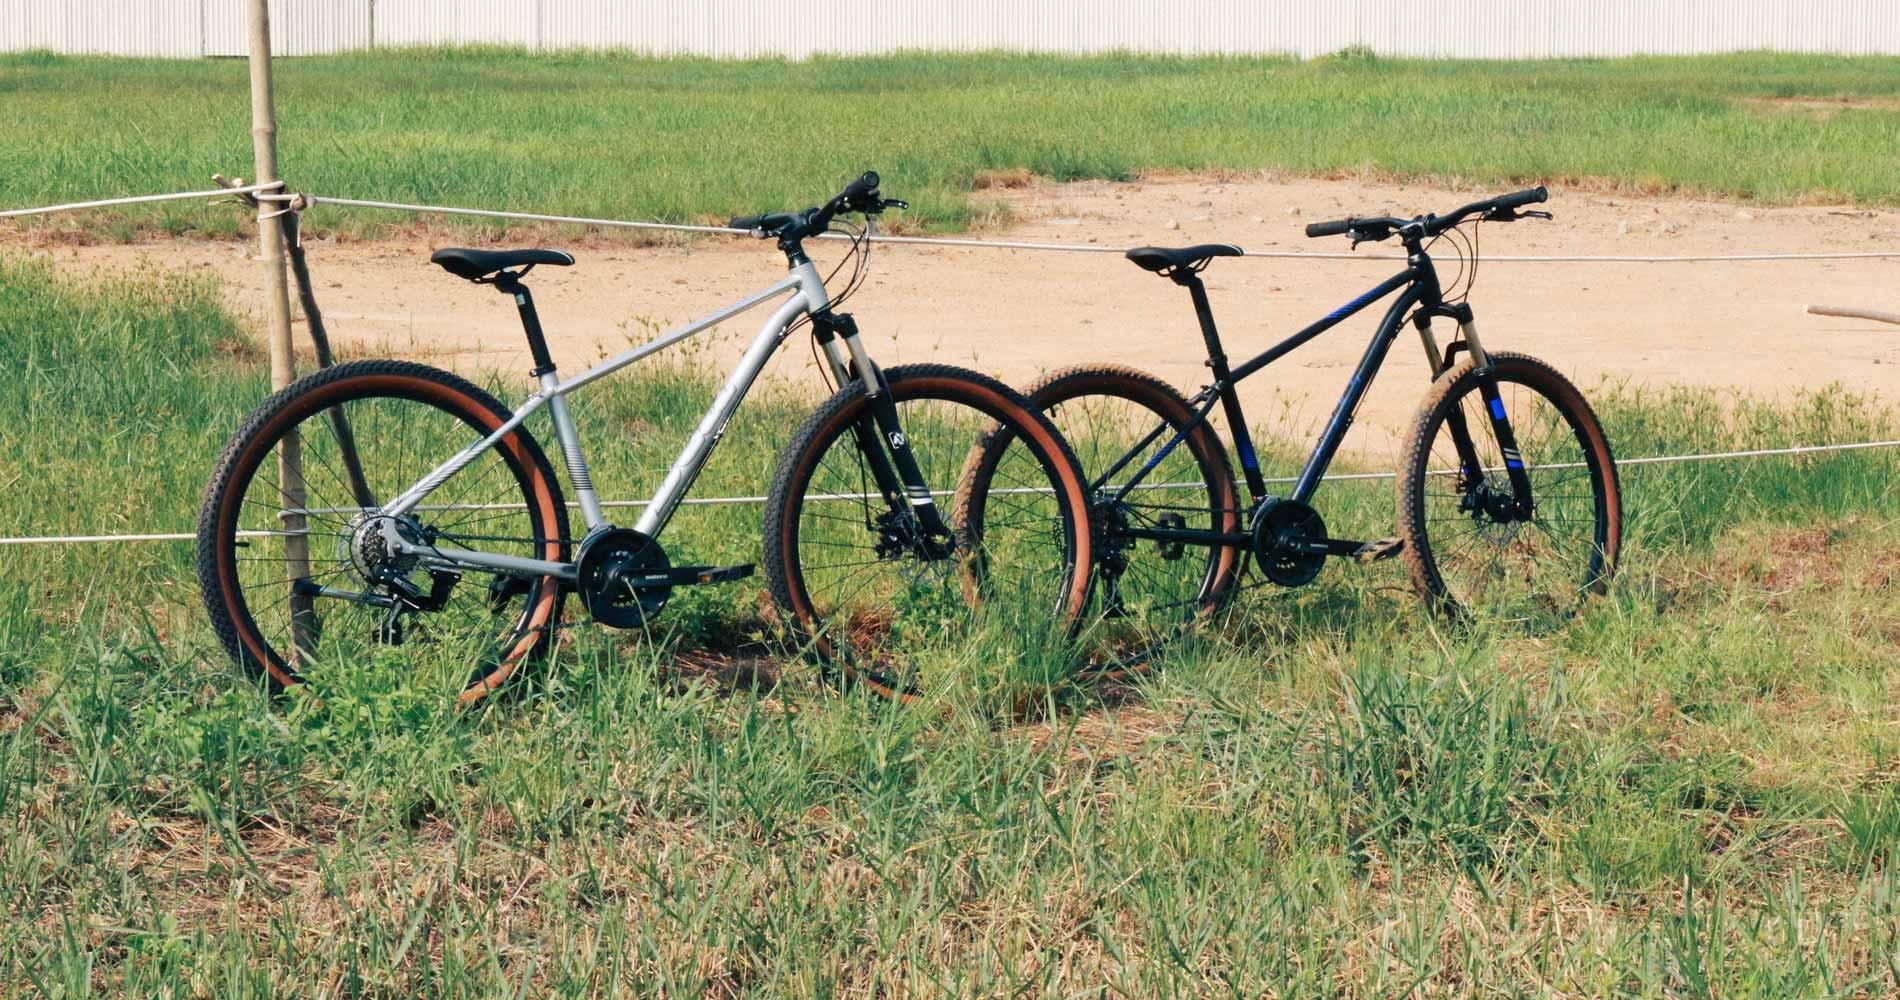 jc-octane-bikecat-top-banner